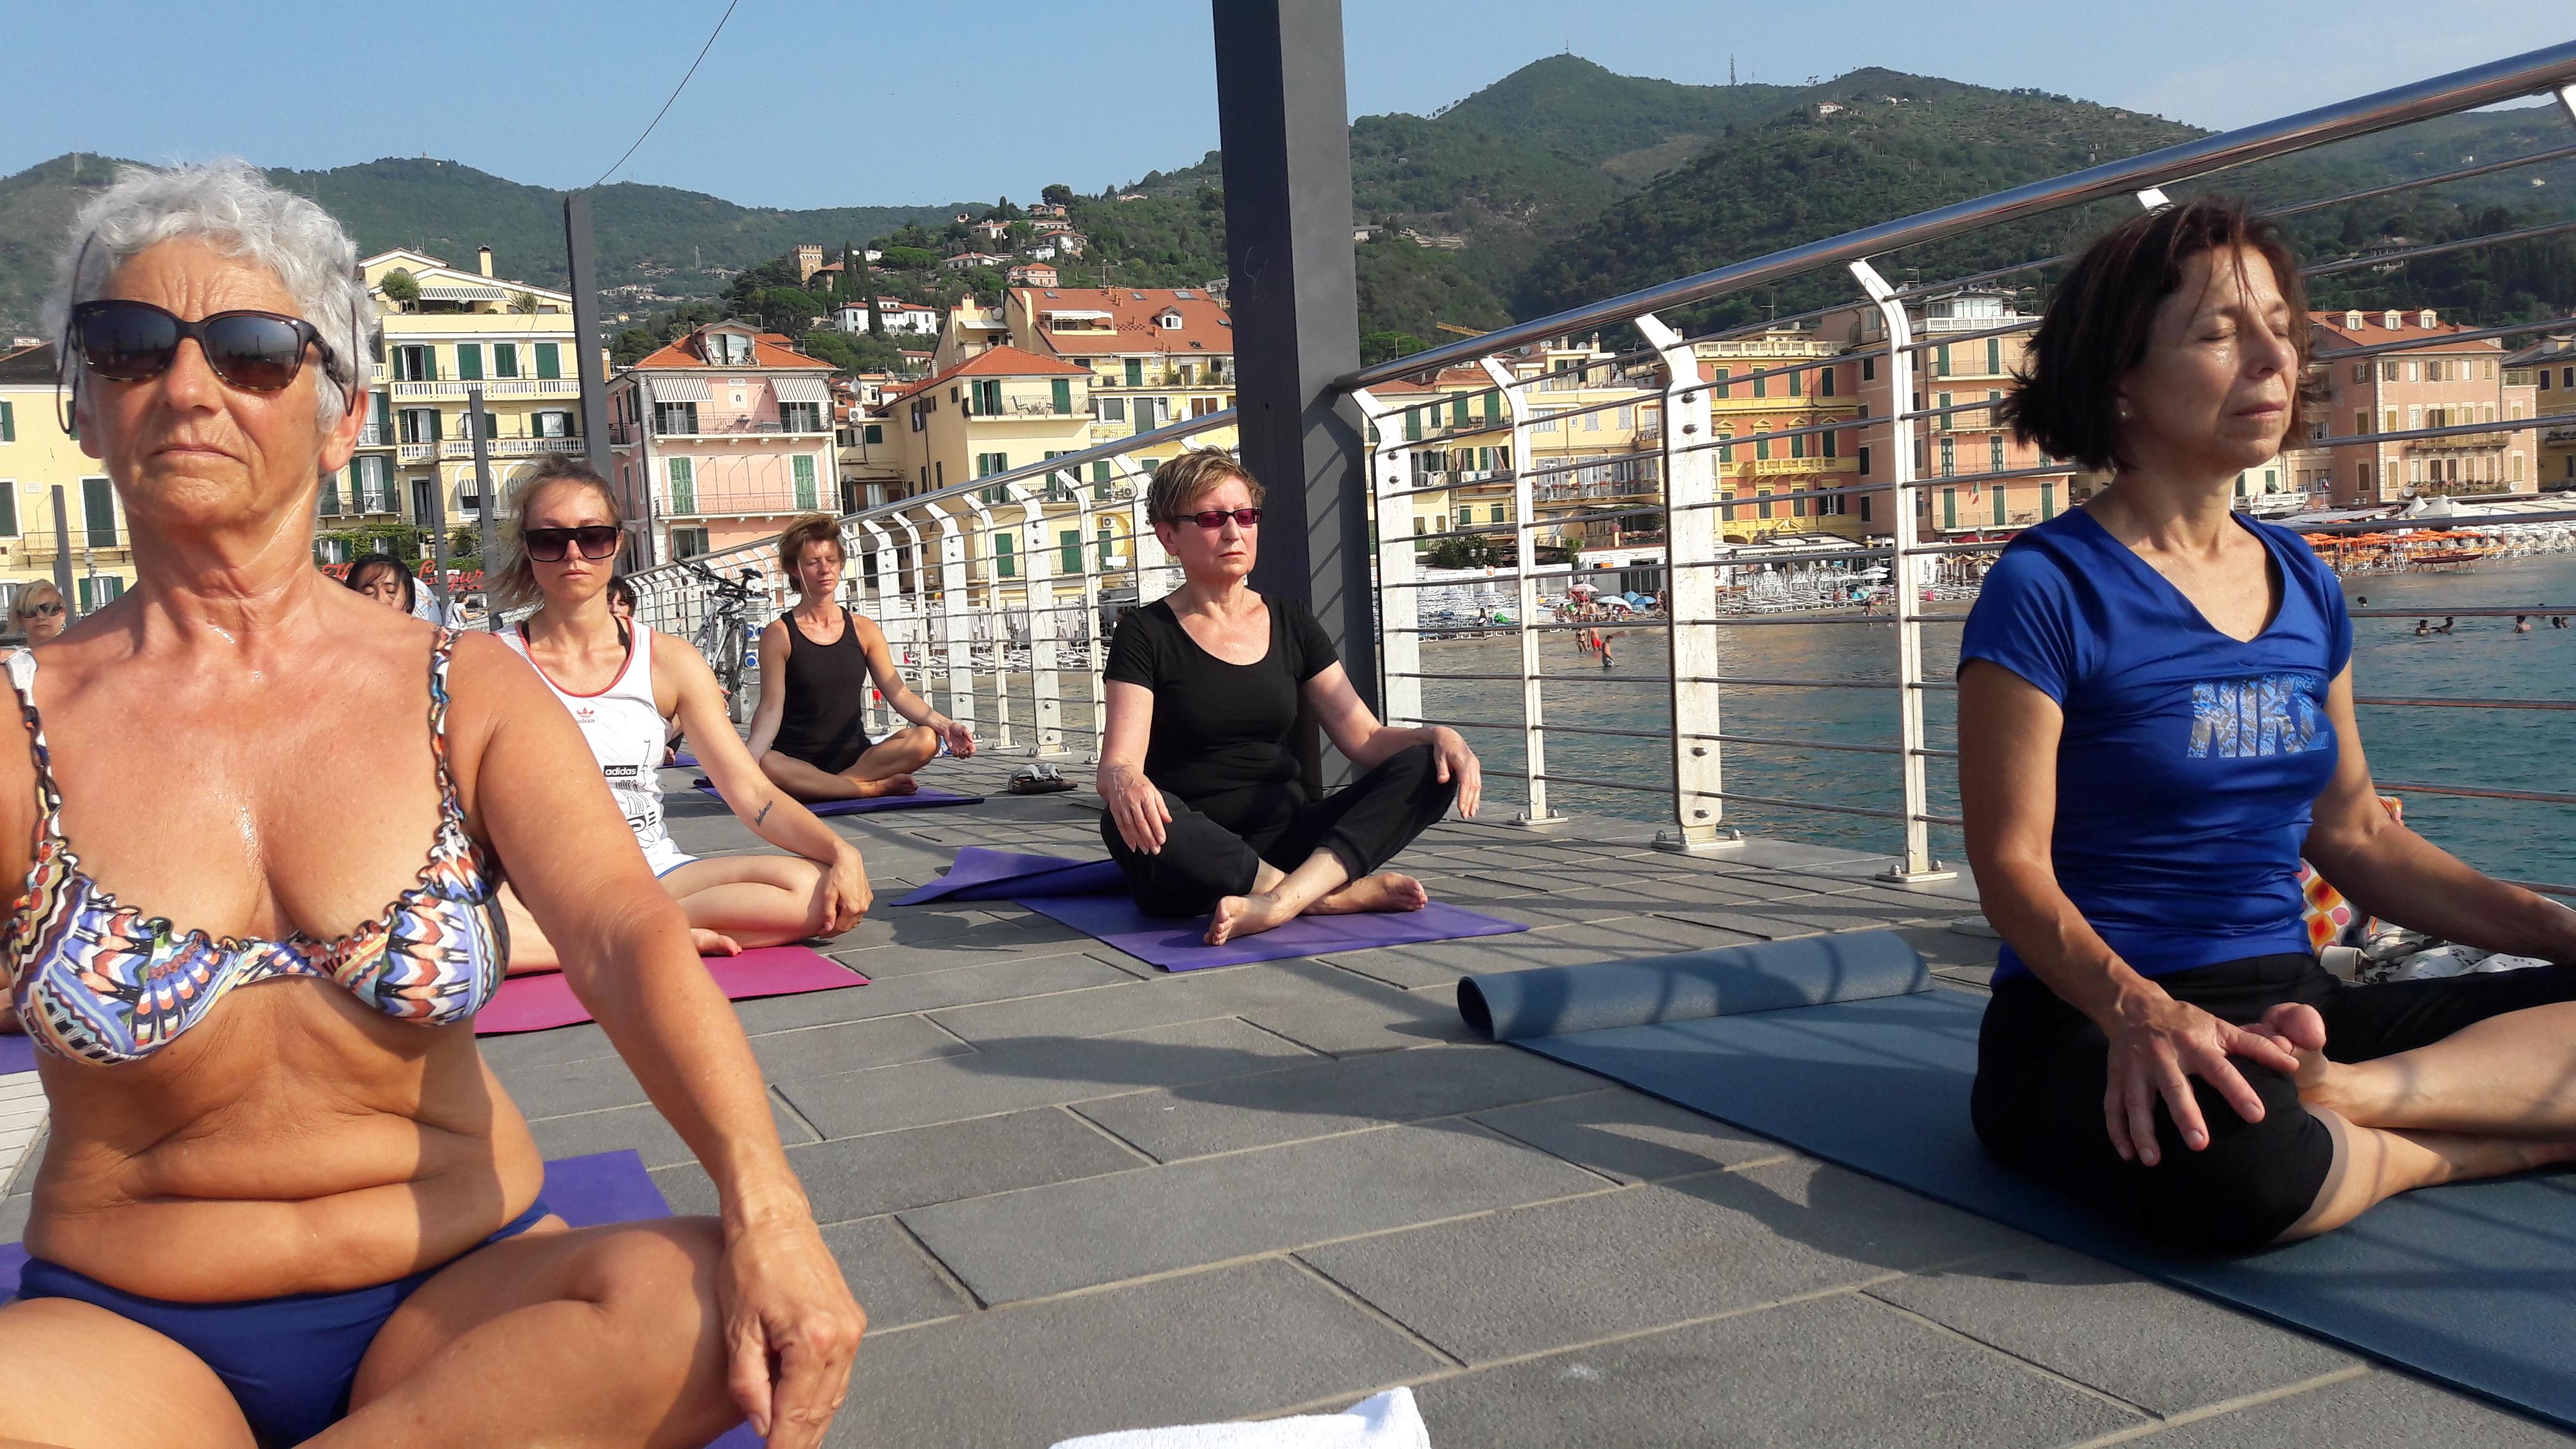 essere-free-yoga-gratuito-benessere-per-tutti-village-citta-alassio-estate-lucia-ragazzi-summer-town-wellness-038